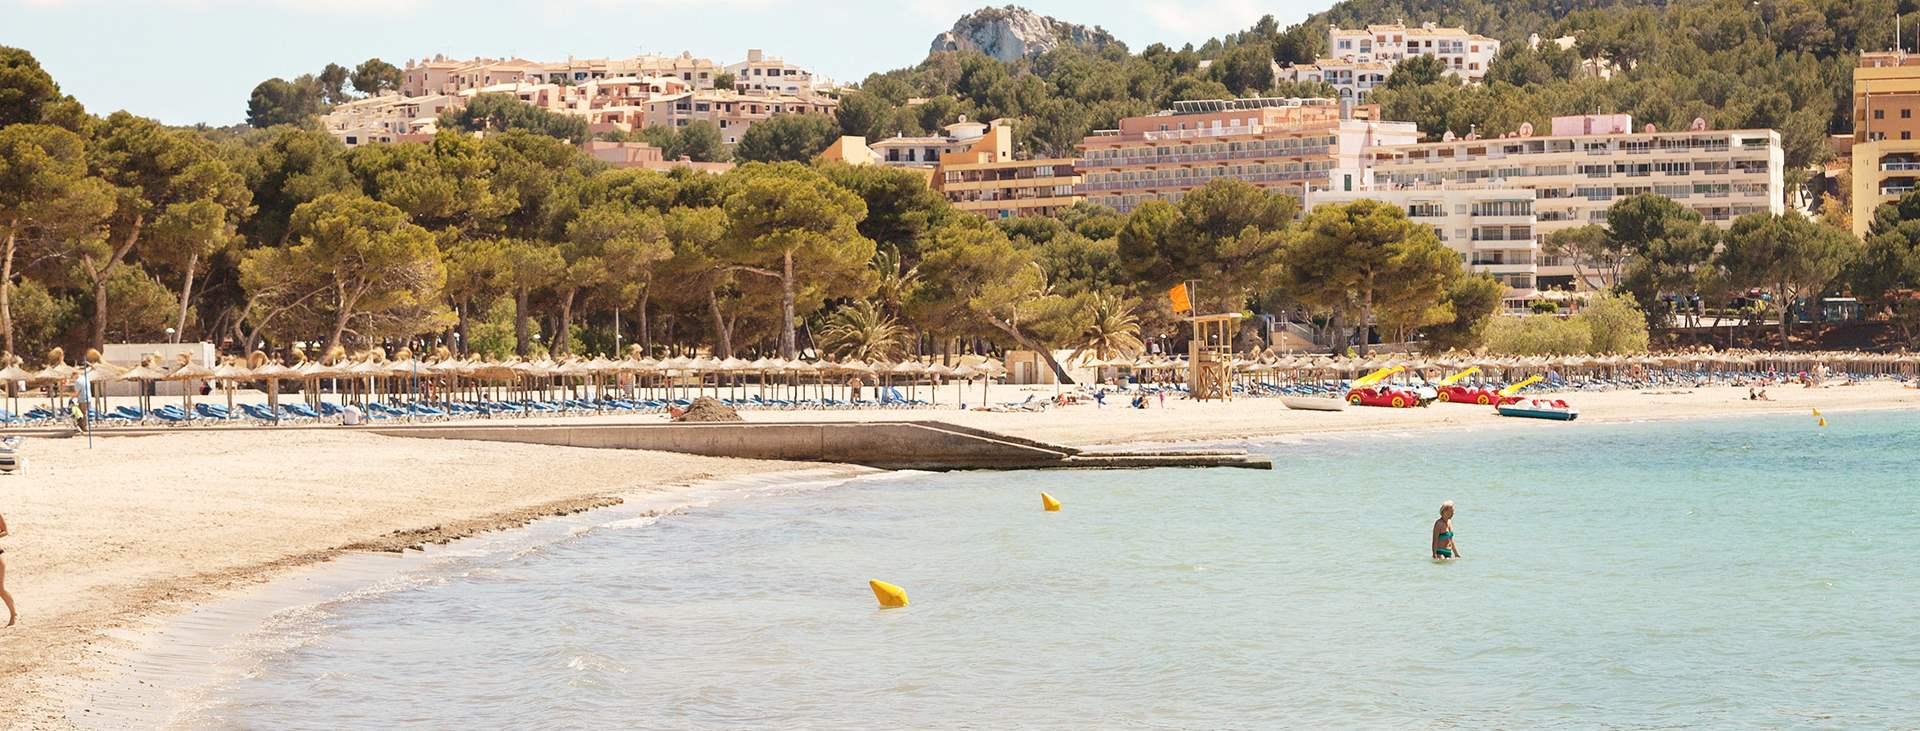 Boka en resa med All Inclusive till Santa Ponsa på Mallorca